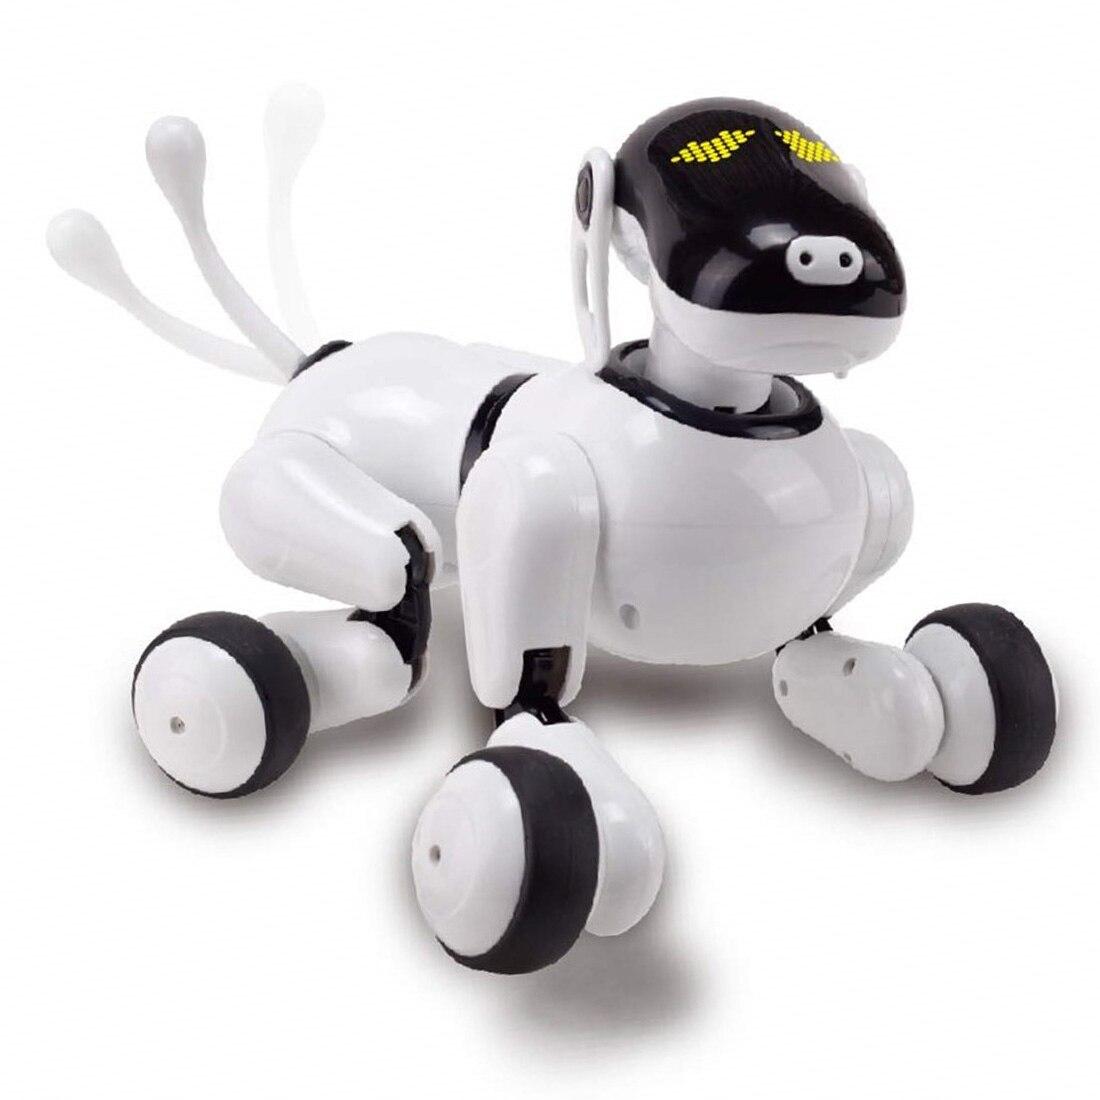 Enfants Pet Robot Jouet Pour Chien avec Danse Chant/Contrôle de Reconnaissance Vocale/Tactile Sensible/APP Programmation Personnalisée Actions